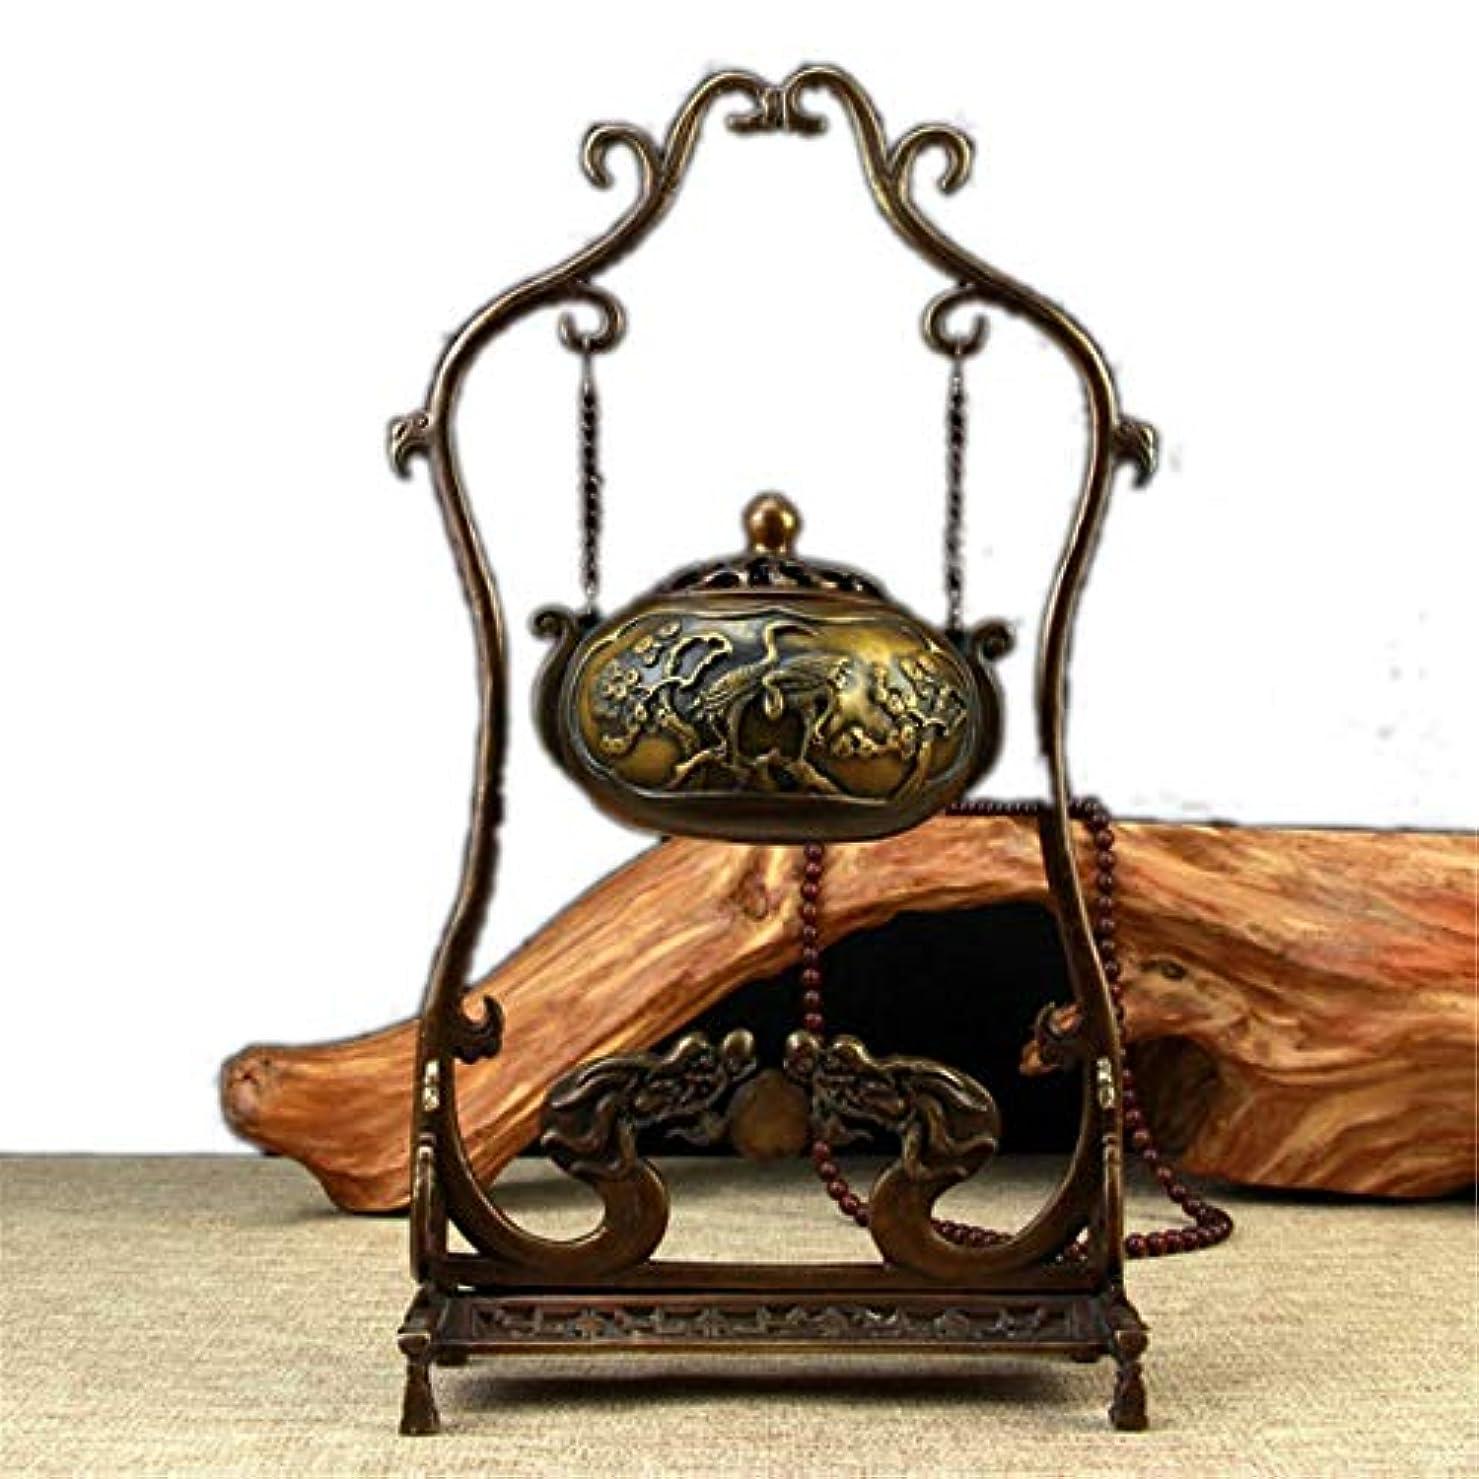 工業化する舌な六香炉の煙の逆流亜鉛合金香炉の円錐形のホールダー、家の芳香の付属品は家、オフィス、喫茶店、瞑想、ヨガ等のために適した